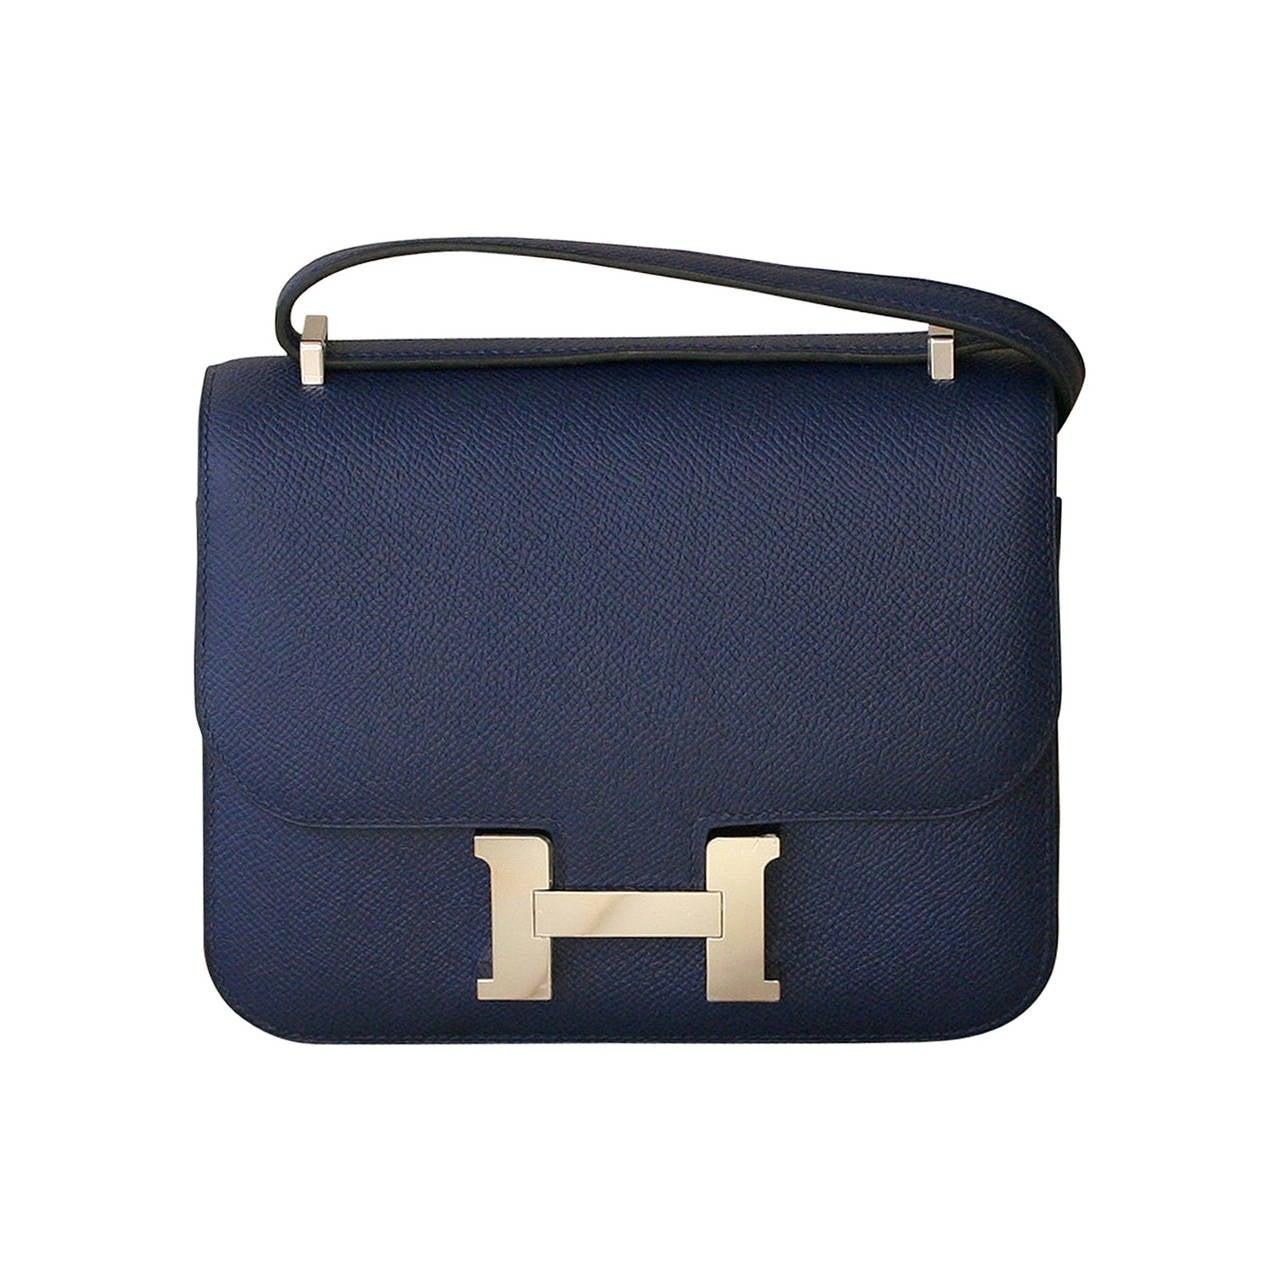 HERMES Constance Mini Epsom Sapphire blue at 1stdibs